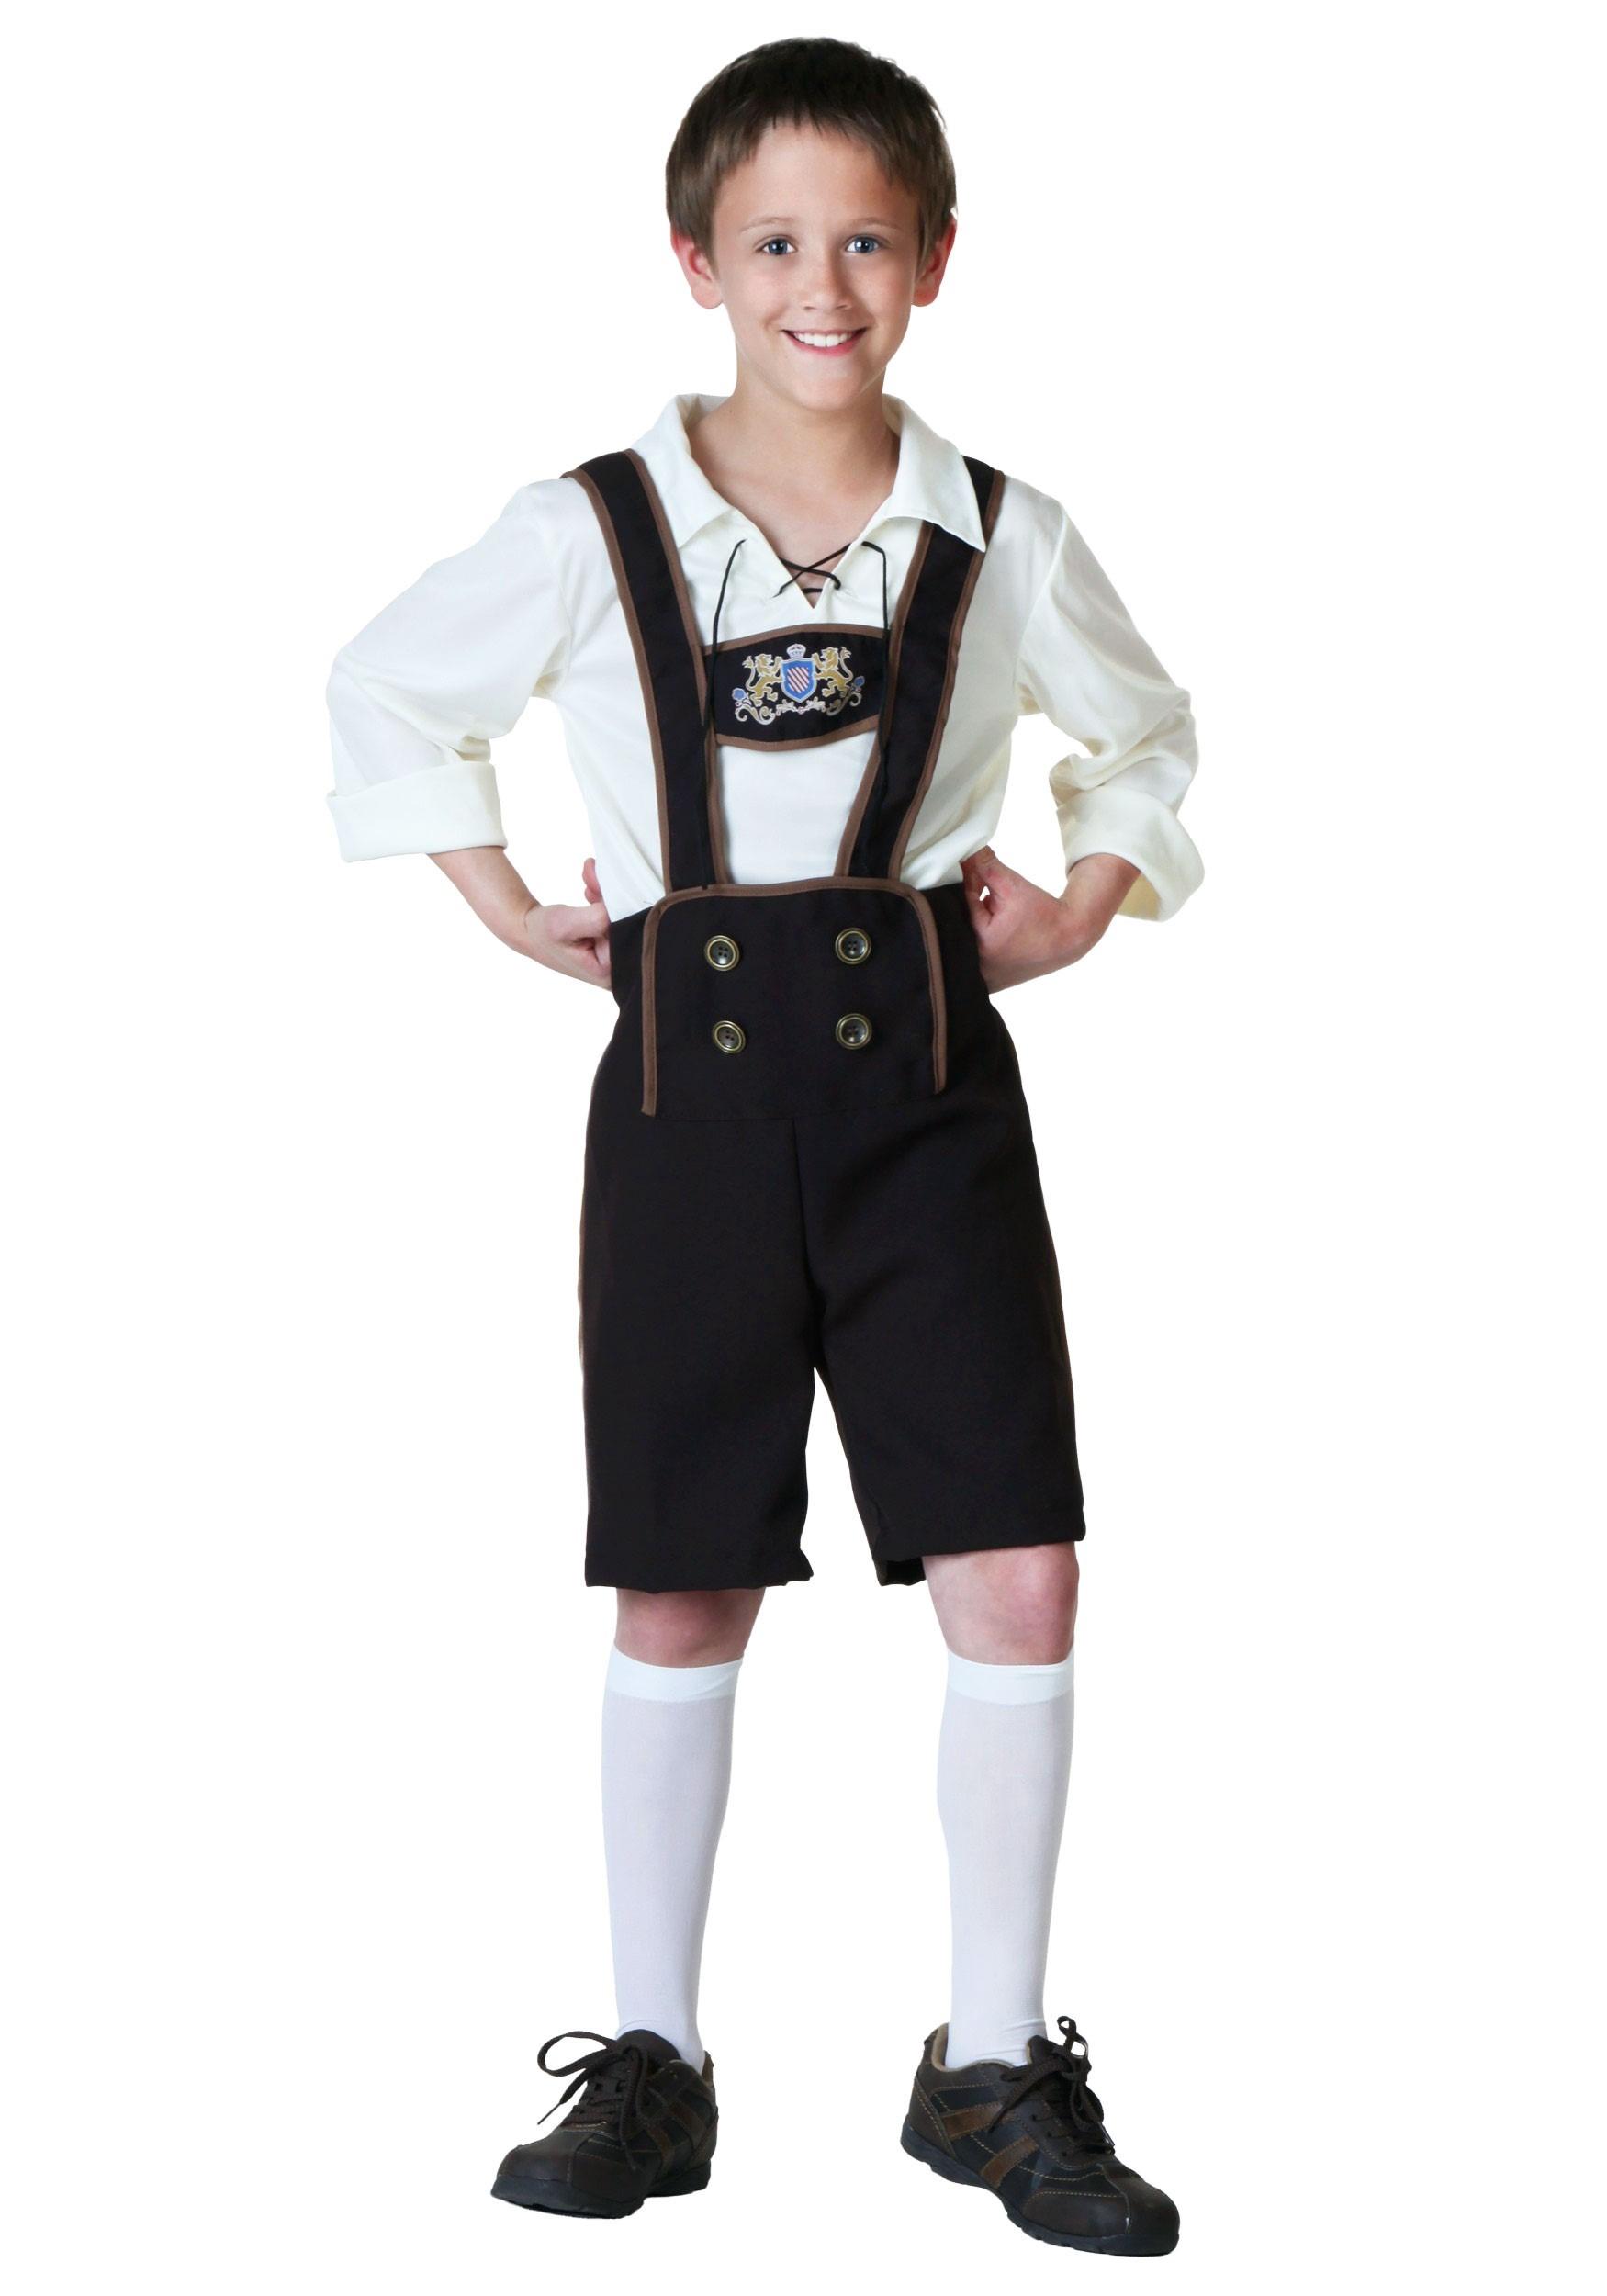 Child Lederhosen Costume  sc 1 st  Halloween Costumes & Child Lederhosen